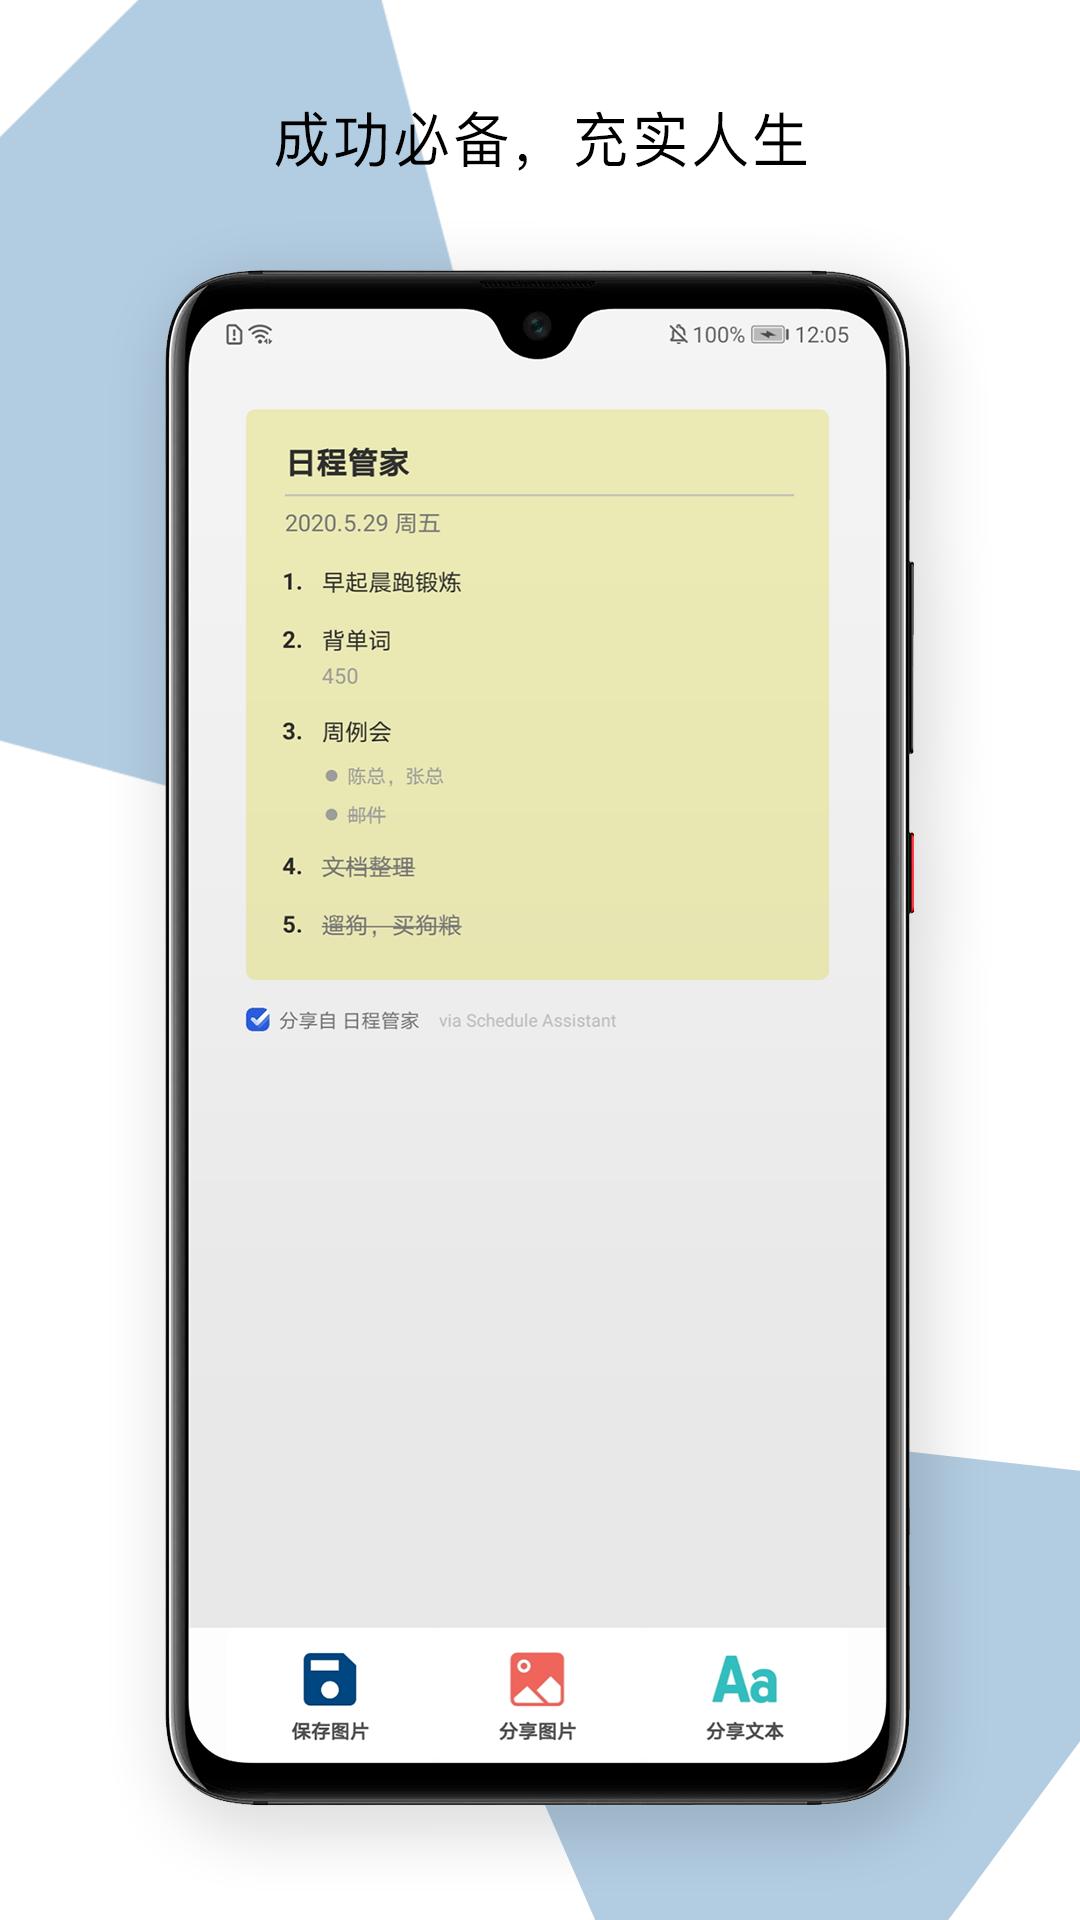 日程管家appv1.1.0 手机版